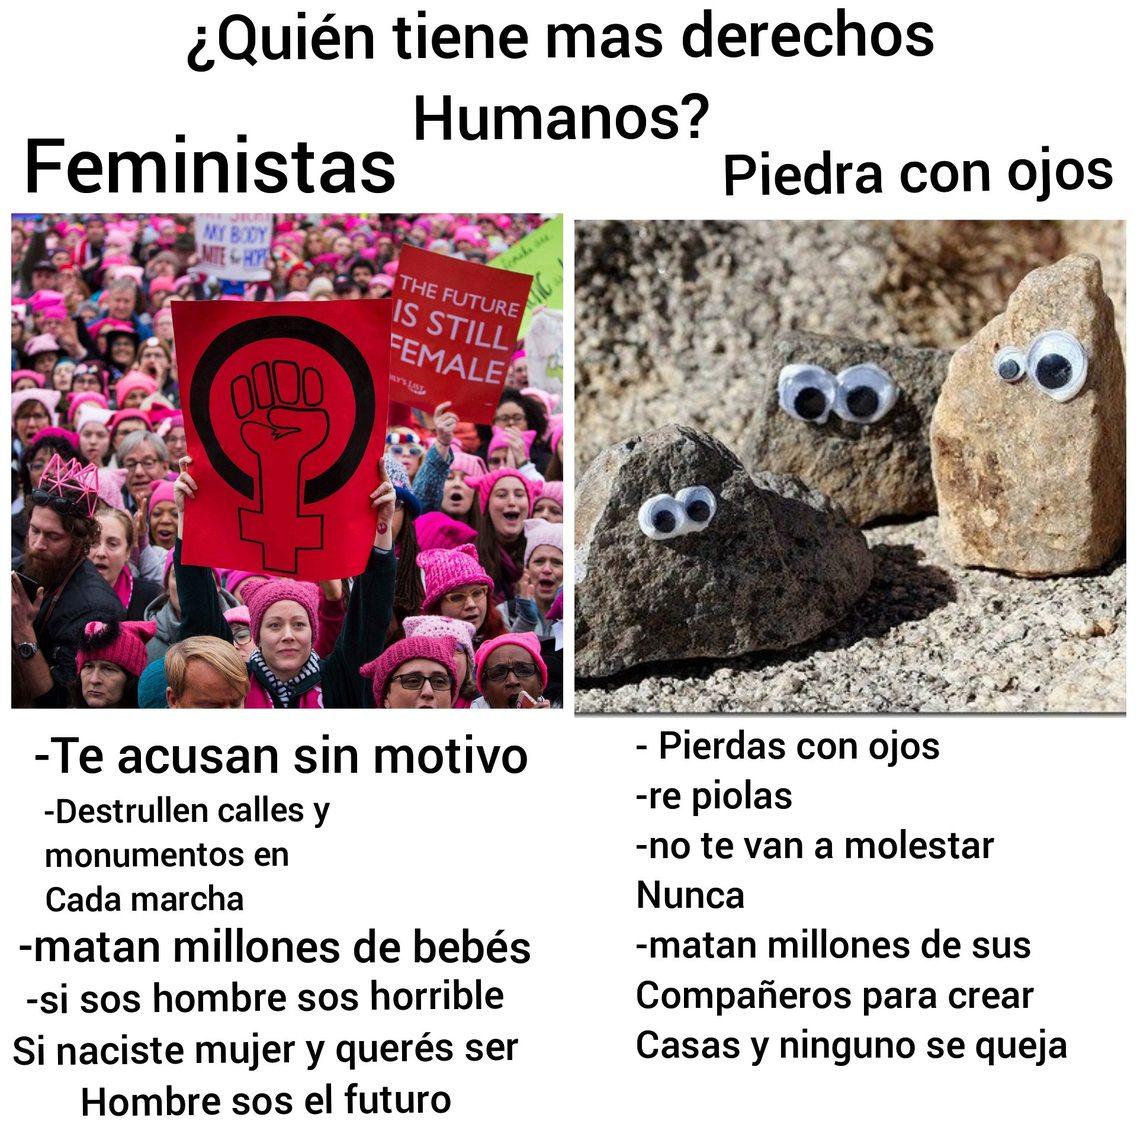 Feministas vs. Piedras con ojos - meme